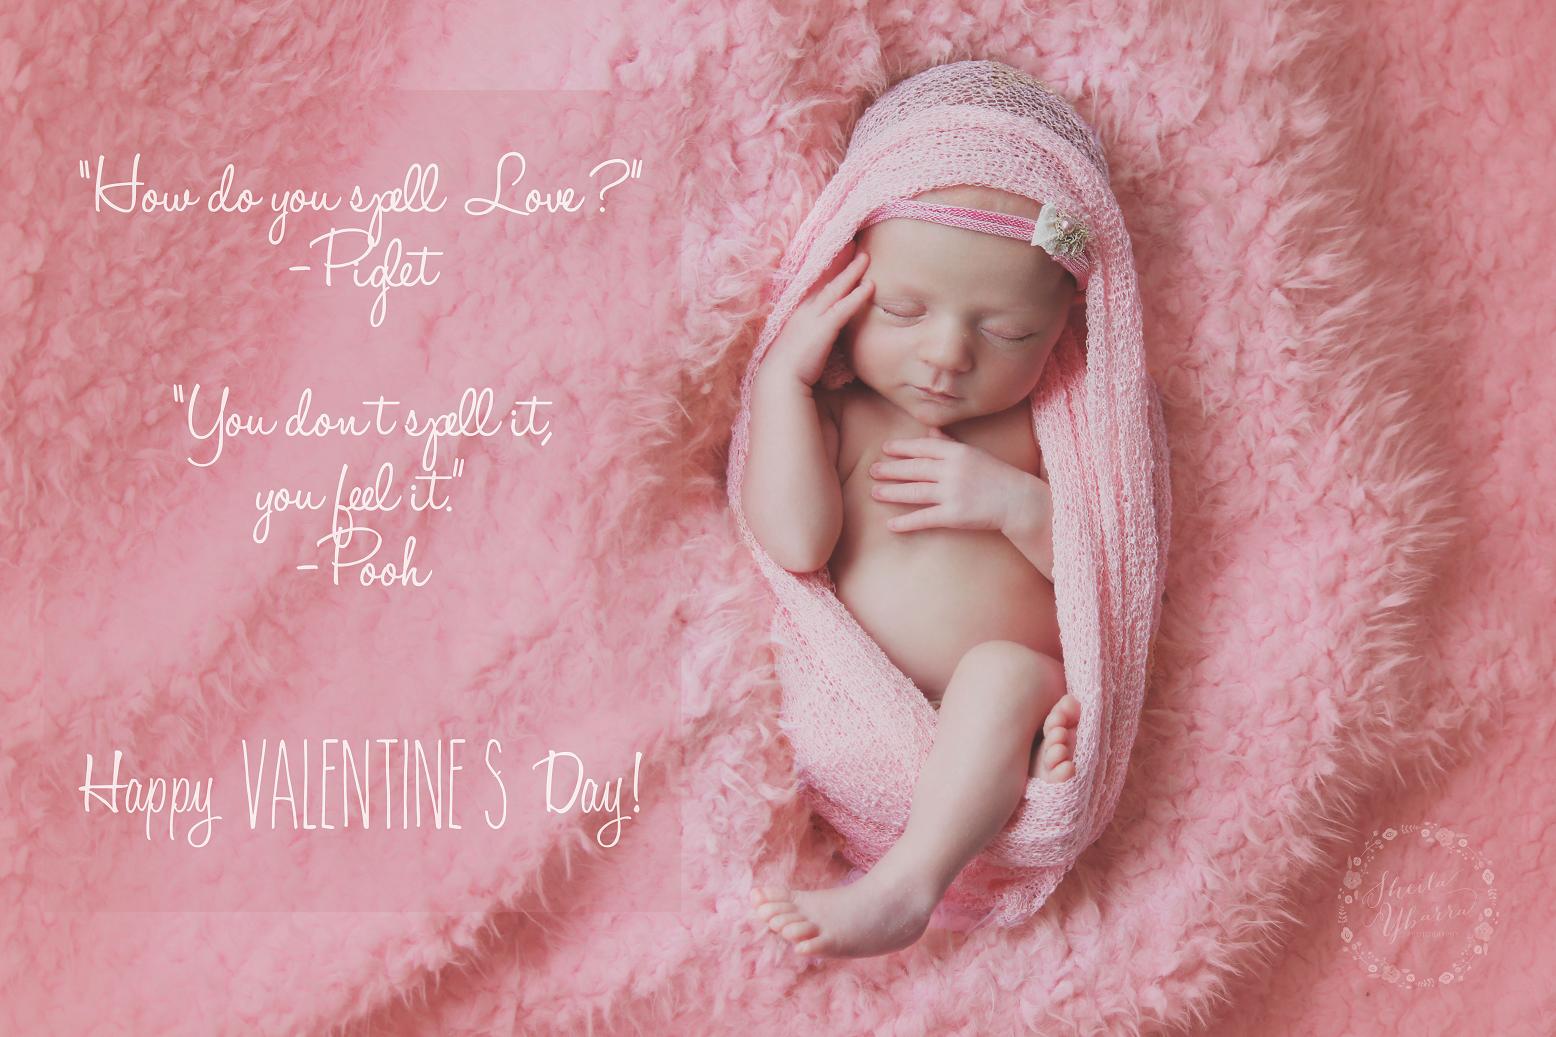 Happy Valentine's Day | Sheila Ybarra Photography | Newborn Photography | San Antonio Newborn Photographer